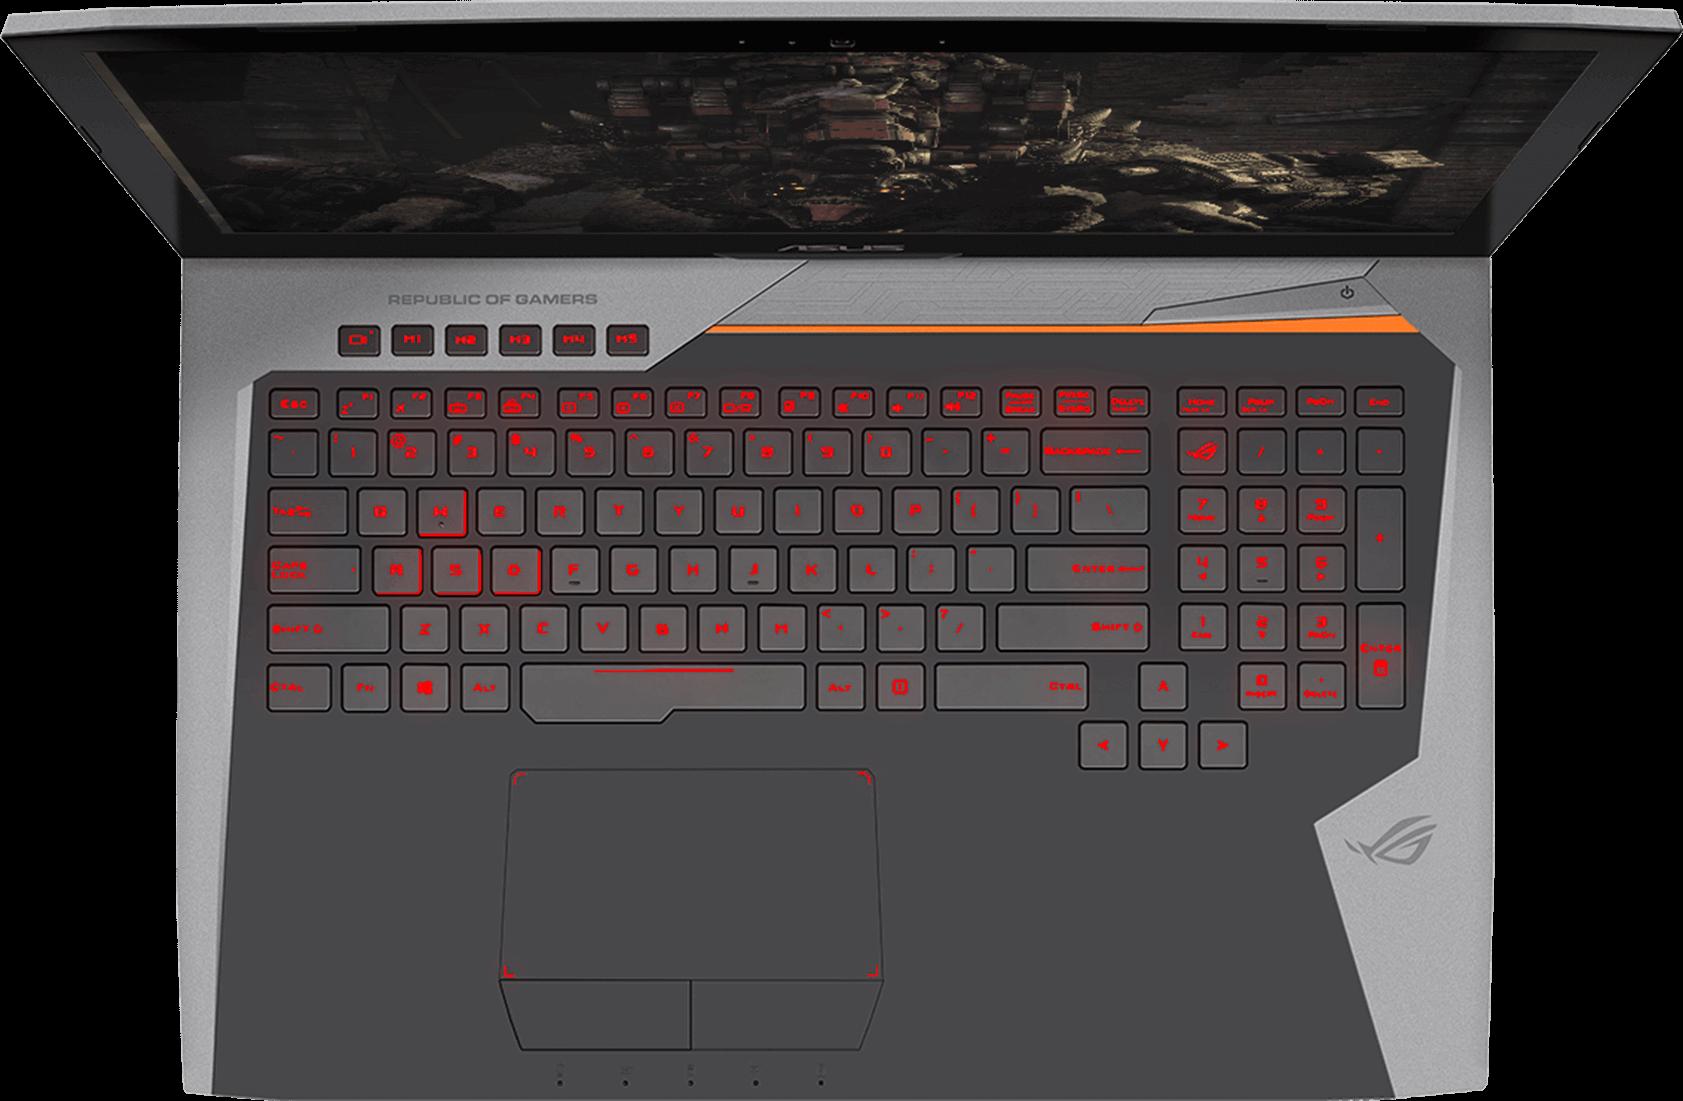 Keyboard and trackpad